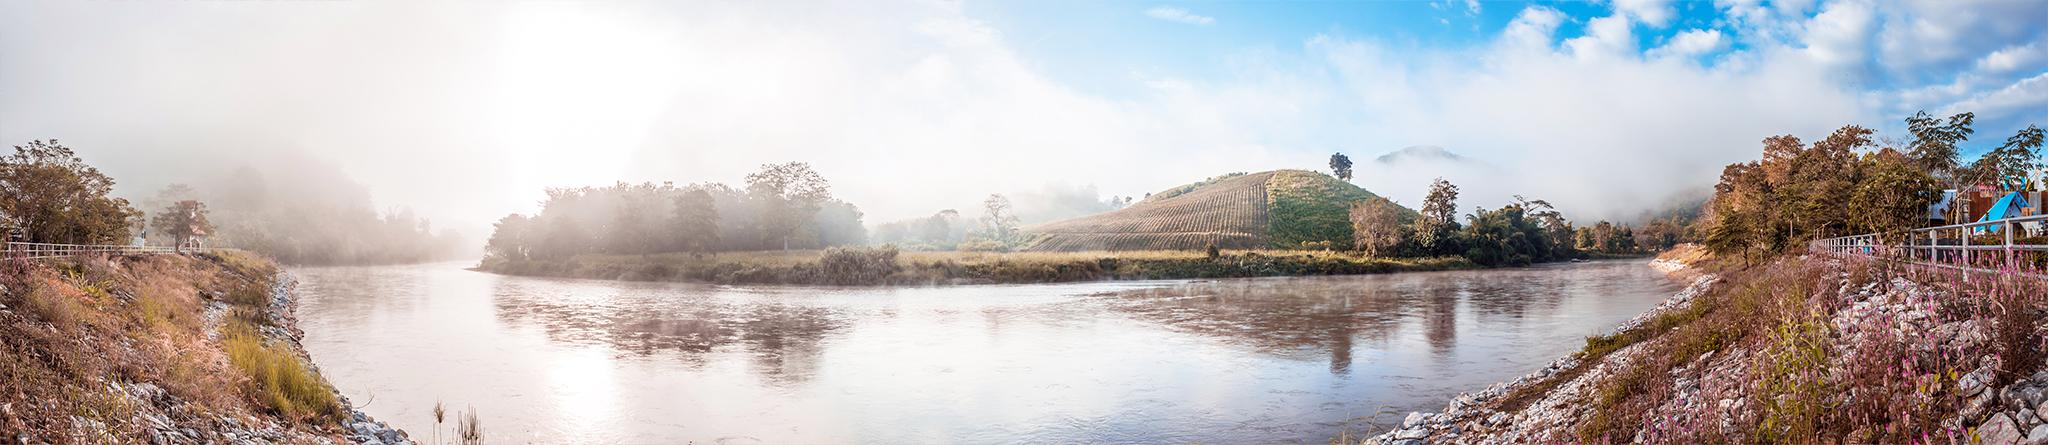 ฮักกก ริมน้ำ panorama